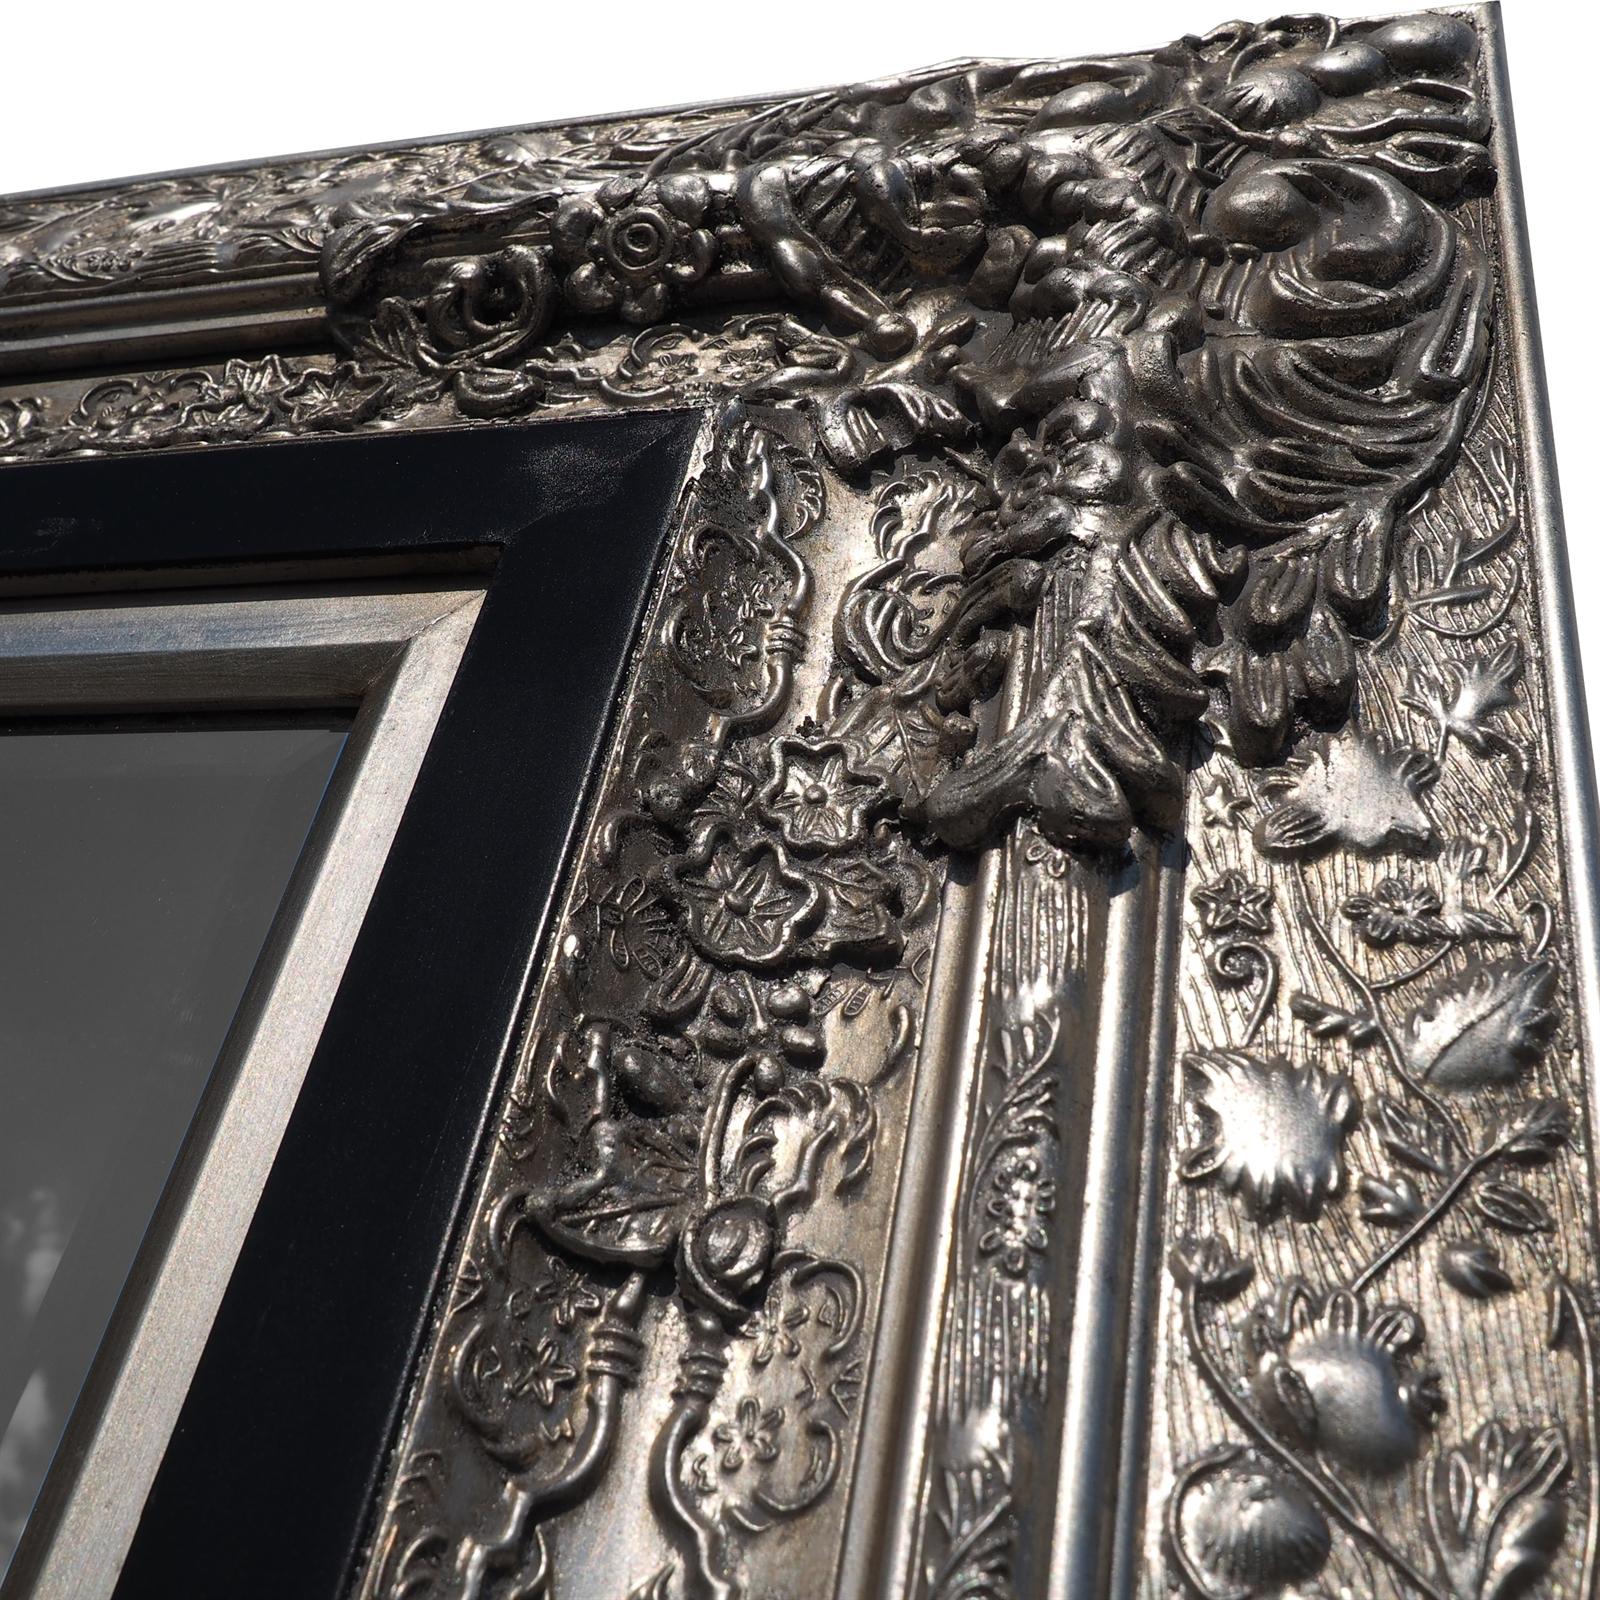 grosser barock wandspiegel laura silber 101x191cm edler ankleidespiegel eur 299 00. Black Bedroom Furniture Sets. Home Design Ideas